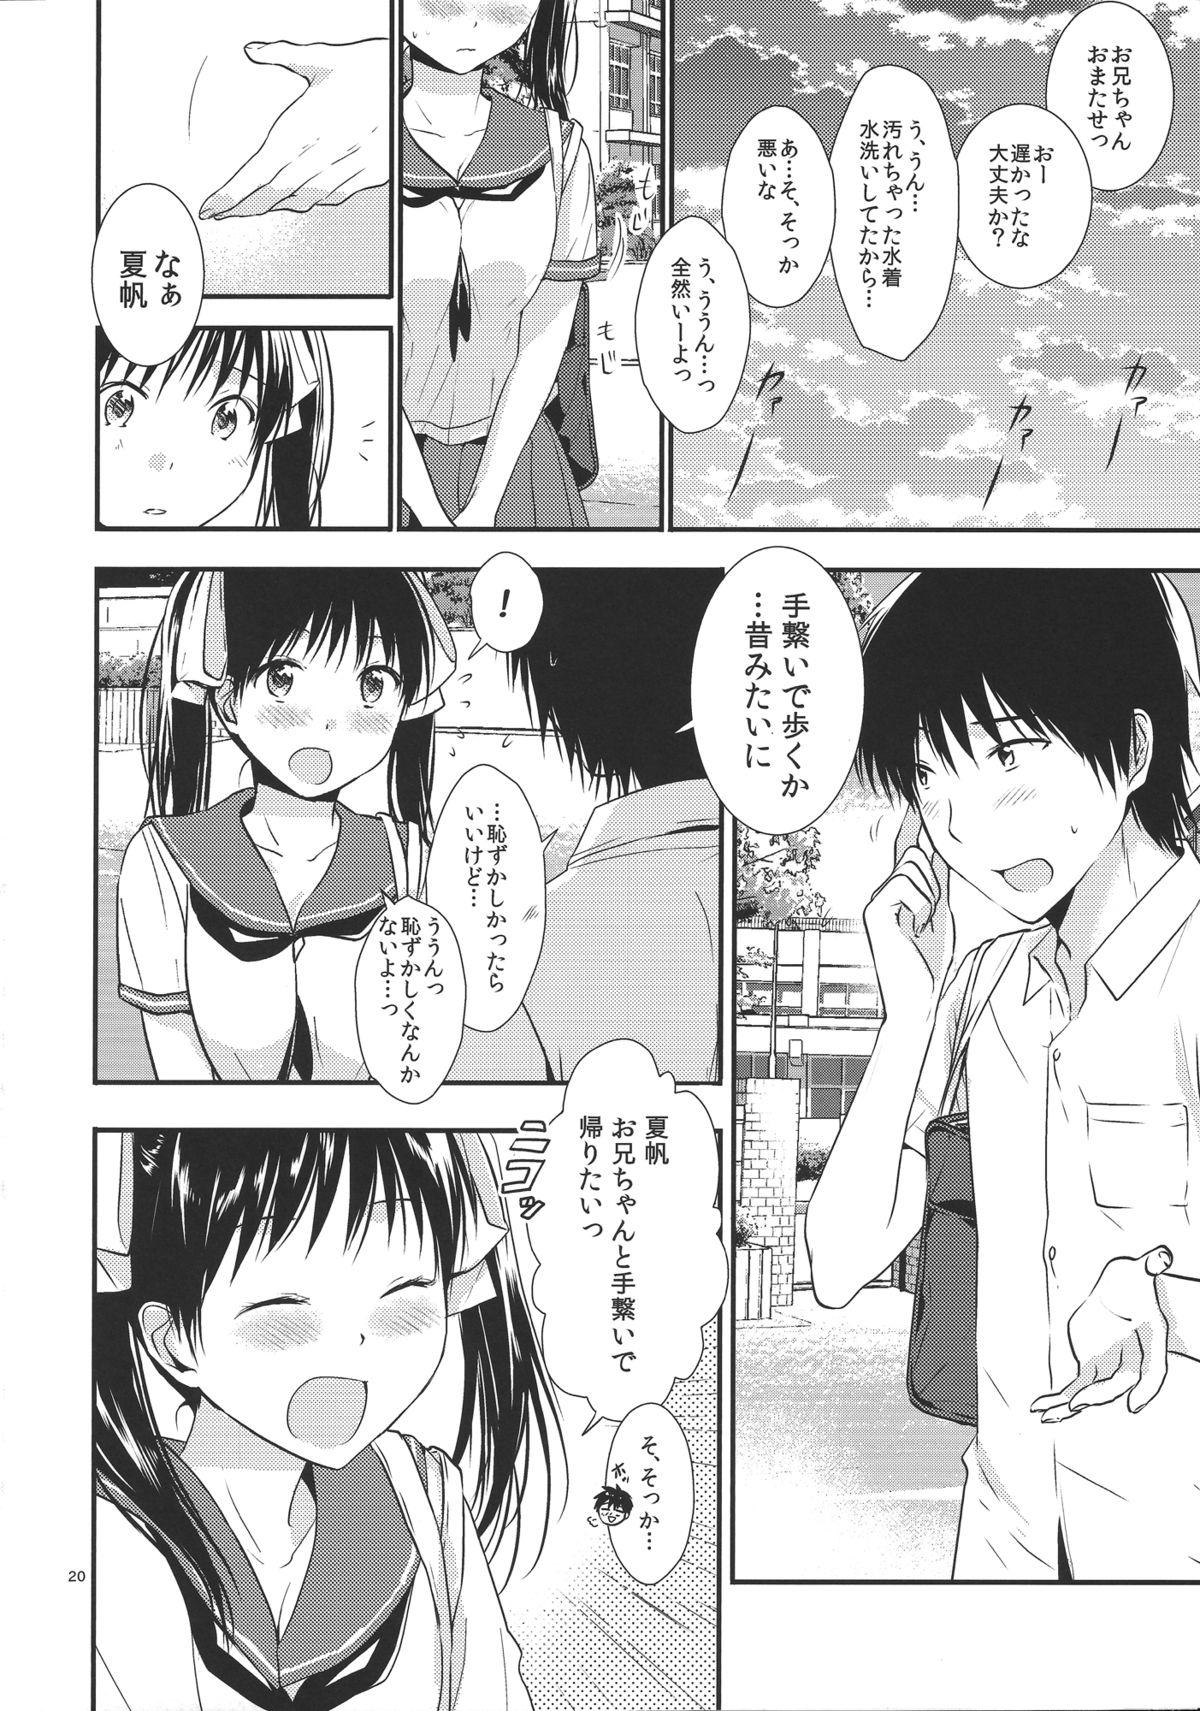 Oniichan no koto daisuki dakara sukumizu de nousatsu shite mo iiyo nee 18